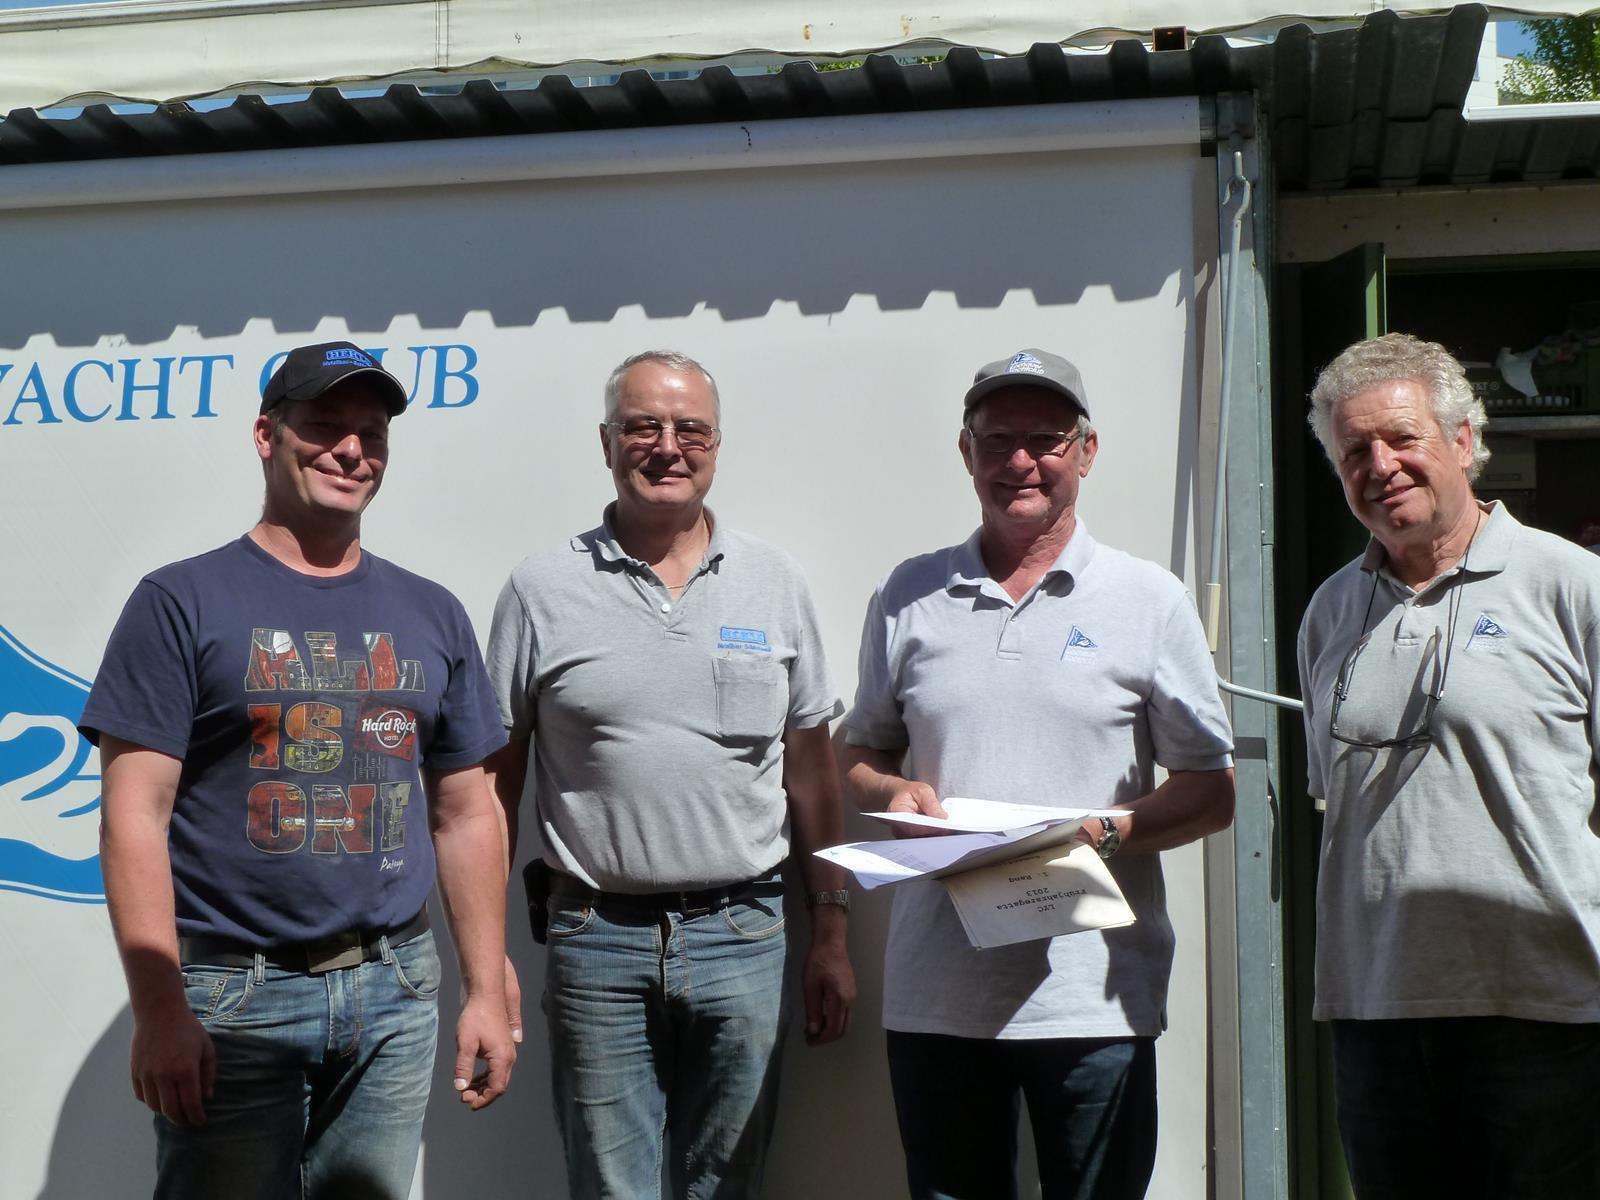 BU: Siegerfoto von links nach rechts: Markus und Richard Hehle, Sportwart Klaus Schlegel und LYC-Präsident Benno Wagner.